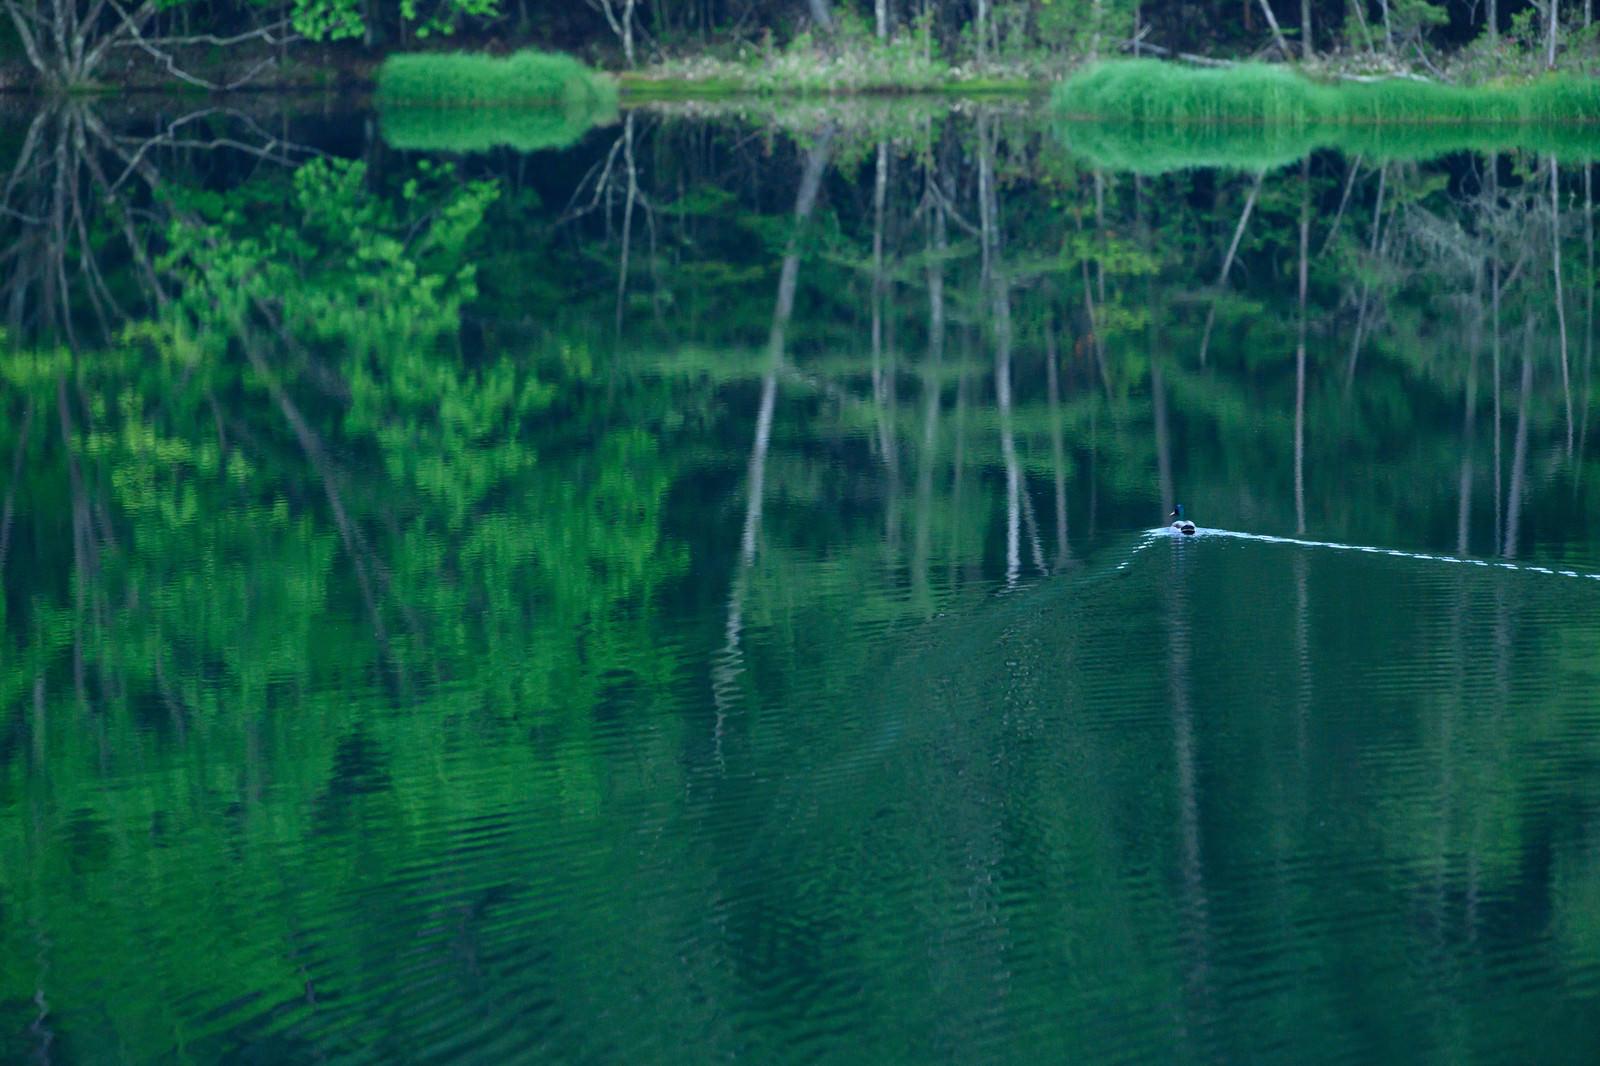 「水鏡の池を鴨がスイー | 写真の無料素材・フリー素材 - ぱくたそ」の写真